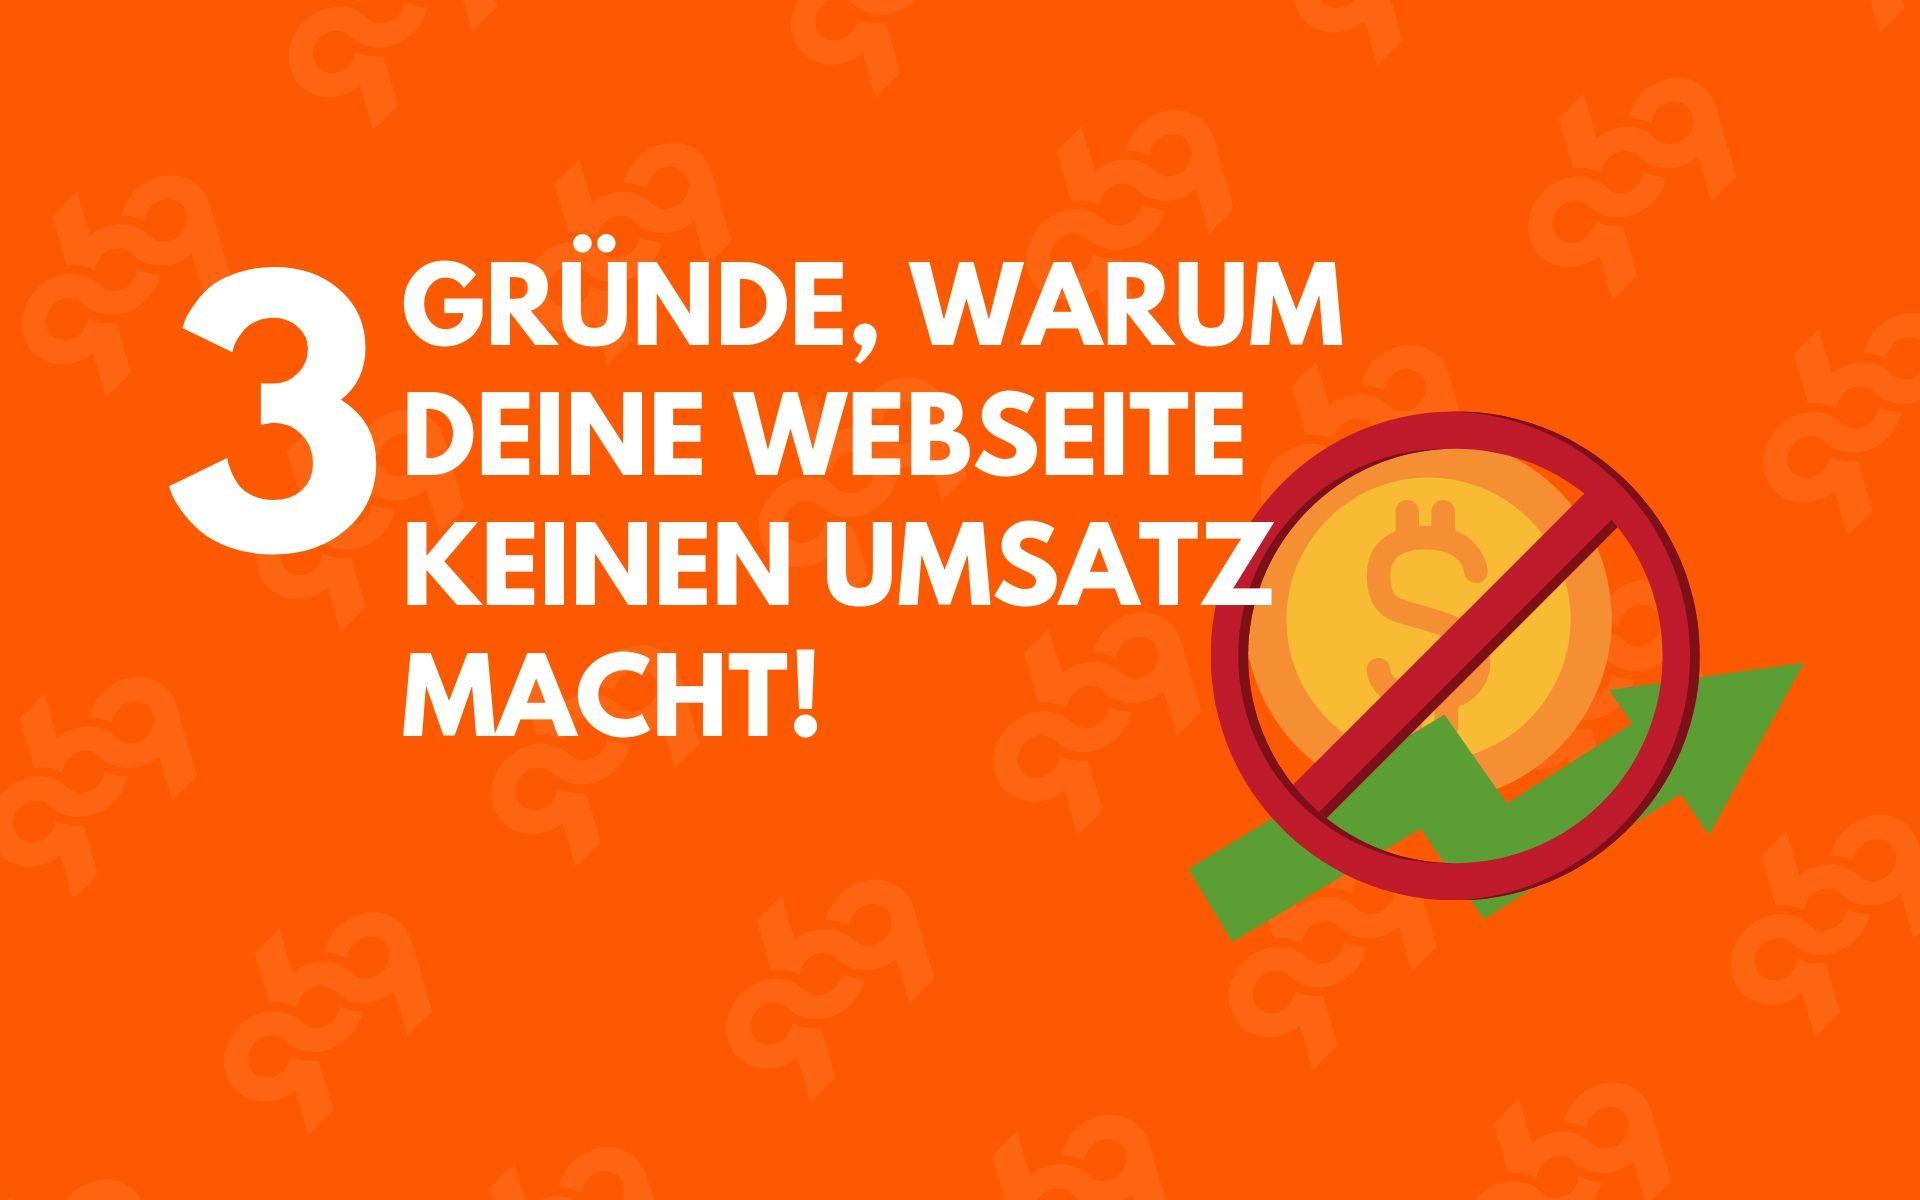 3 Gründe, warum du mit deiner Webseite keine neuen Kunden gewinnst